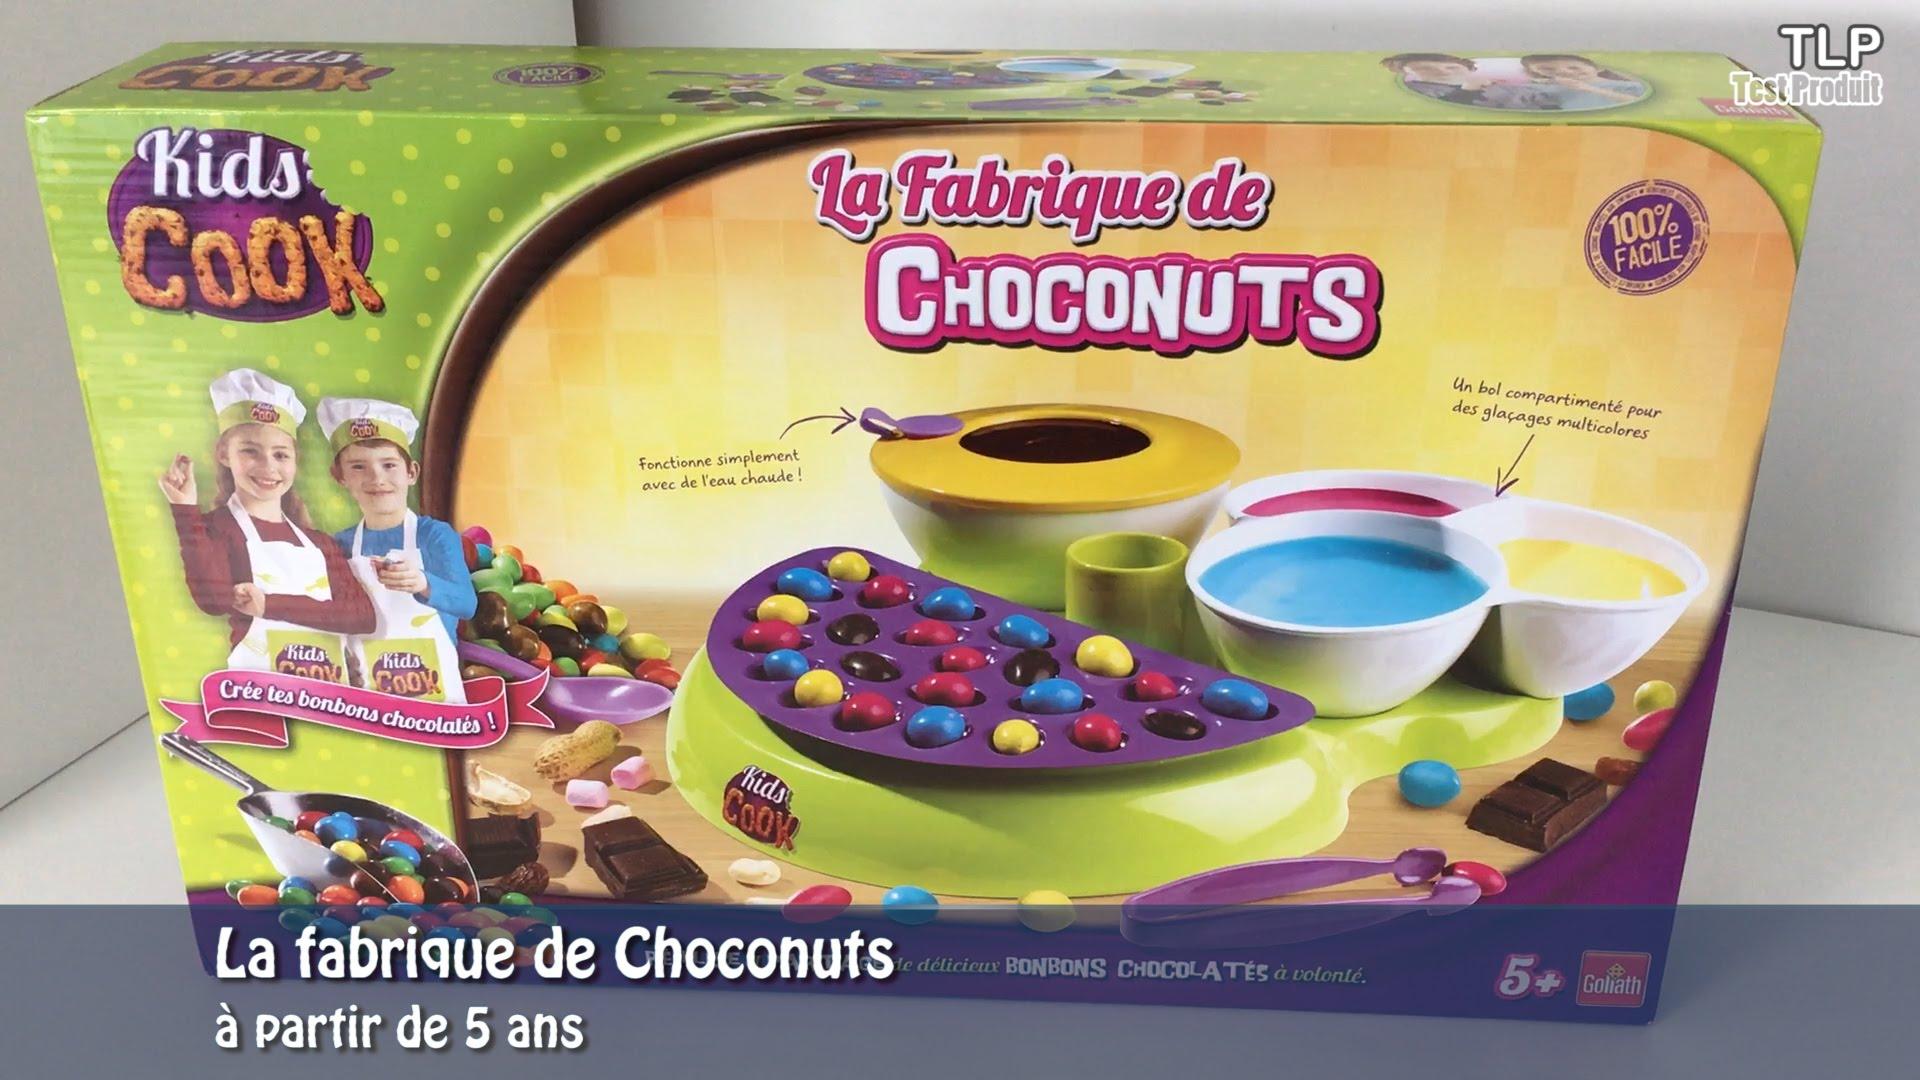 la fabrique de choconuts